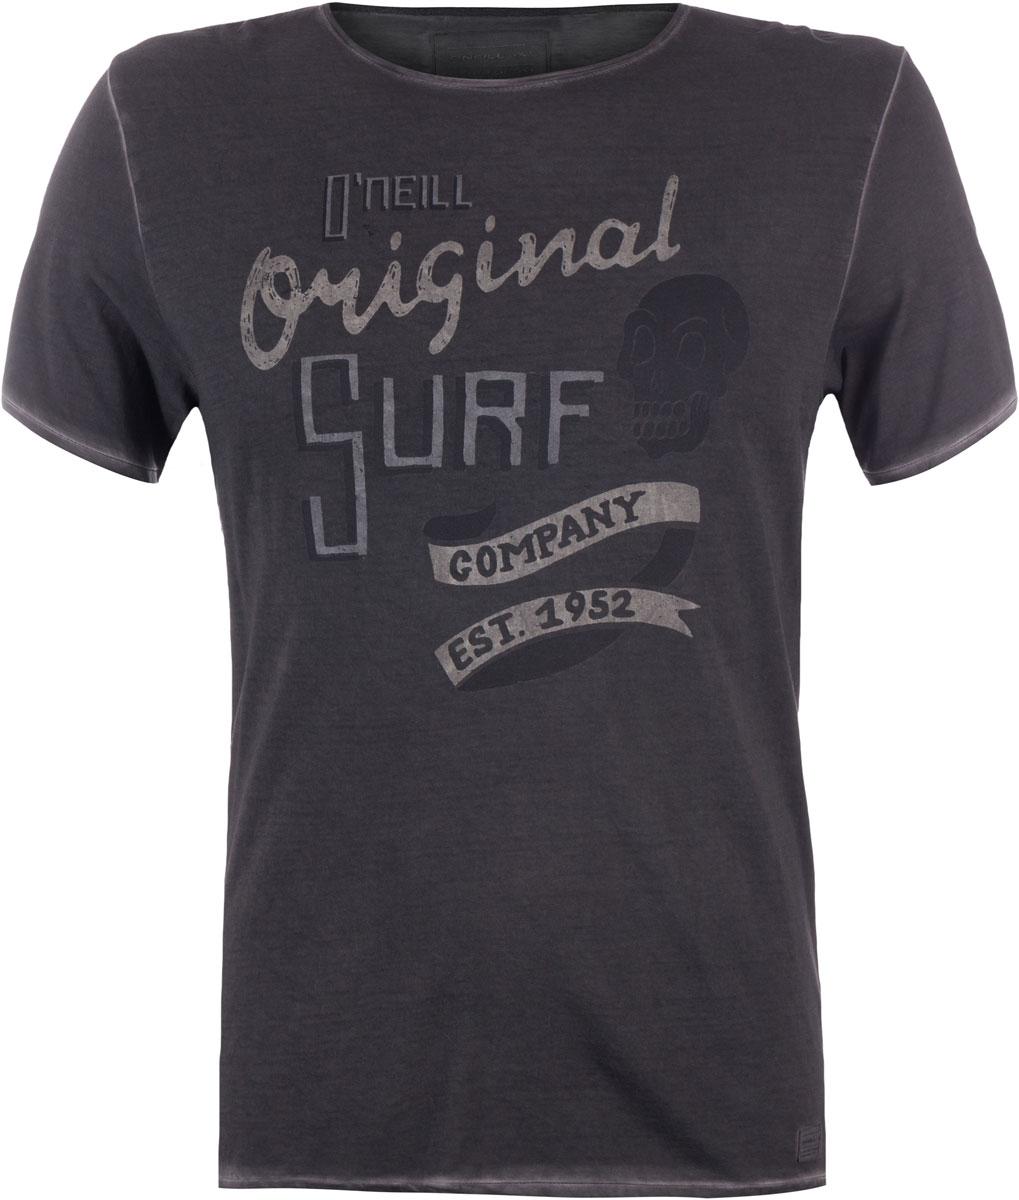 Футболка мужская ONeill Lm Washed Up T-Shirt, цвет: серый. 7A2328-8026. Размер XL (52/54)7A2328-8026Футболка мужская ONeill выполнена из 100% хлопка. Модель имеет стандартный крой, короткий рукав и круглый вырез горловины. Футболка искусственно состарена и дополнена надписями.